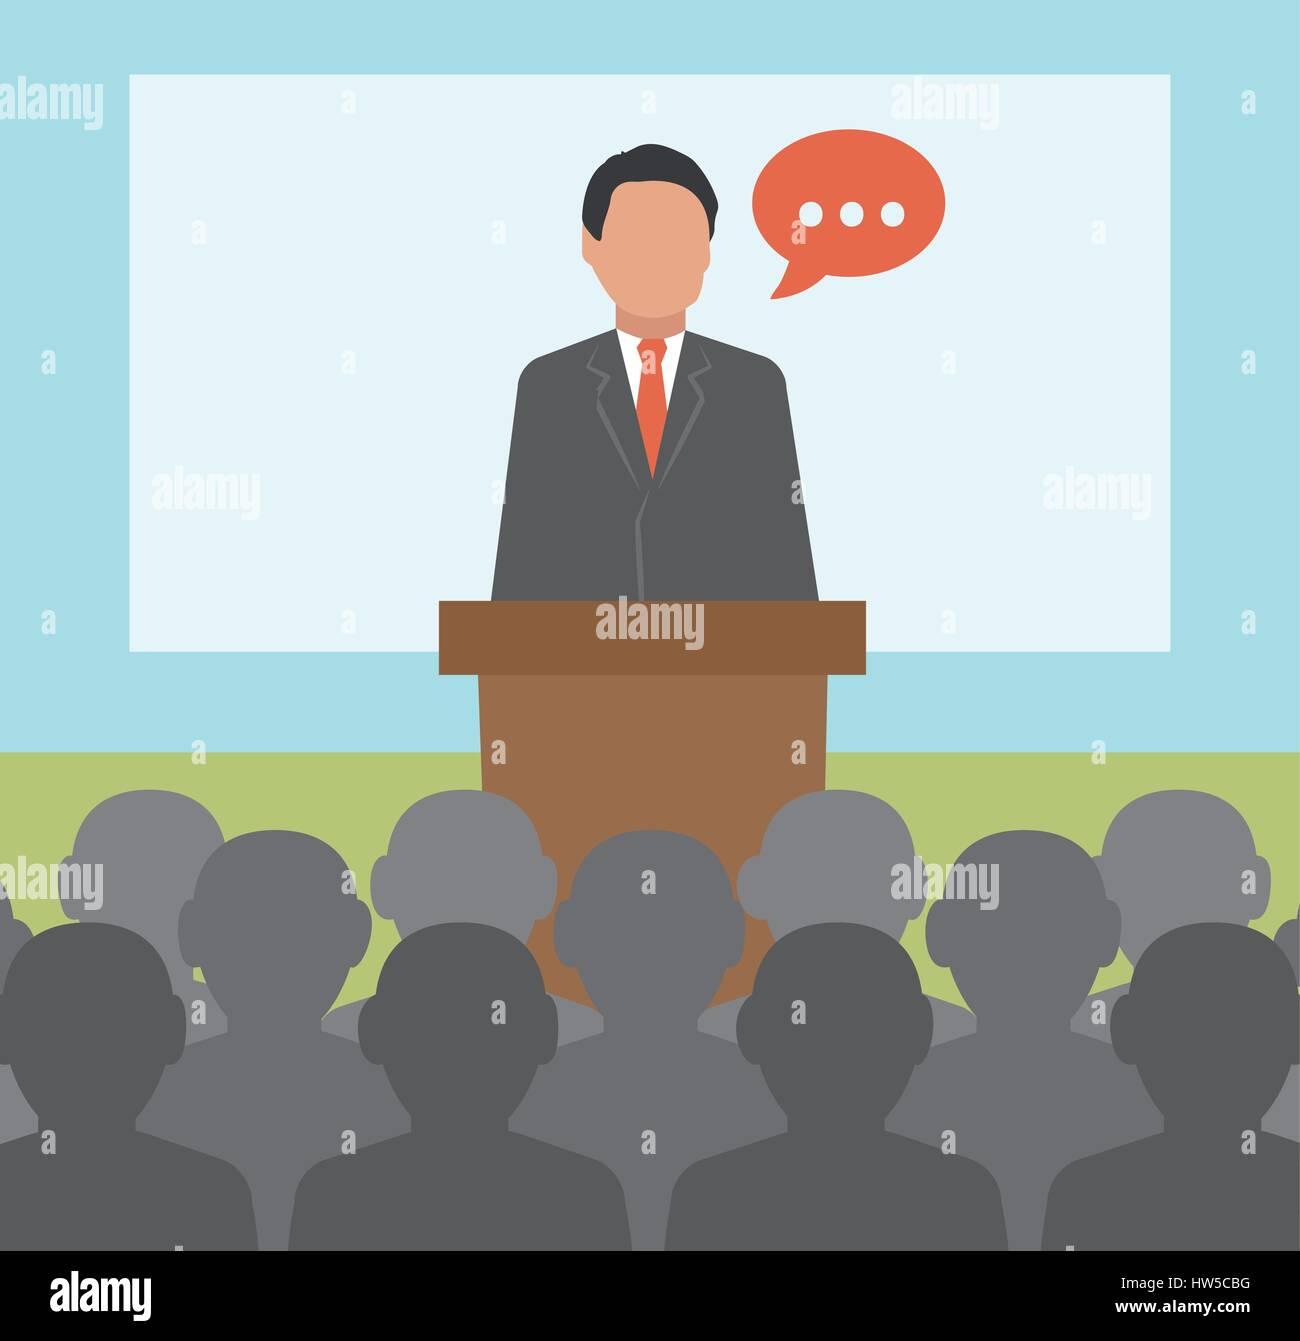 Conferencia. Concepto de ilustración de negocios Imagen De Stock